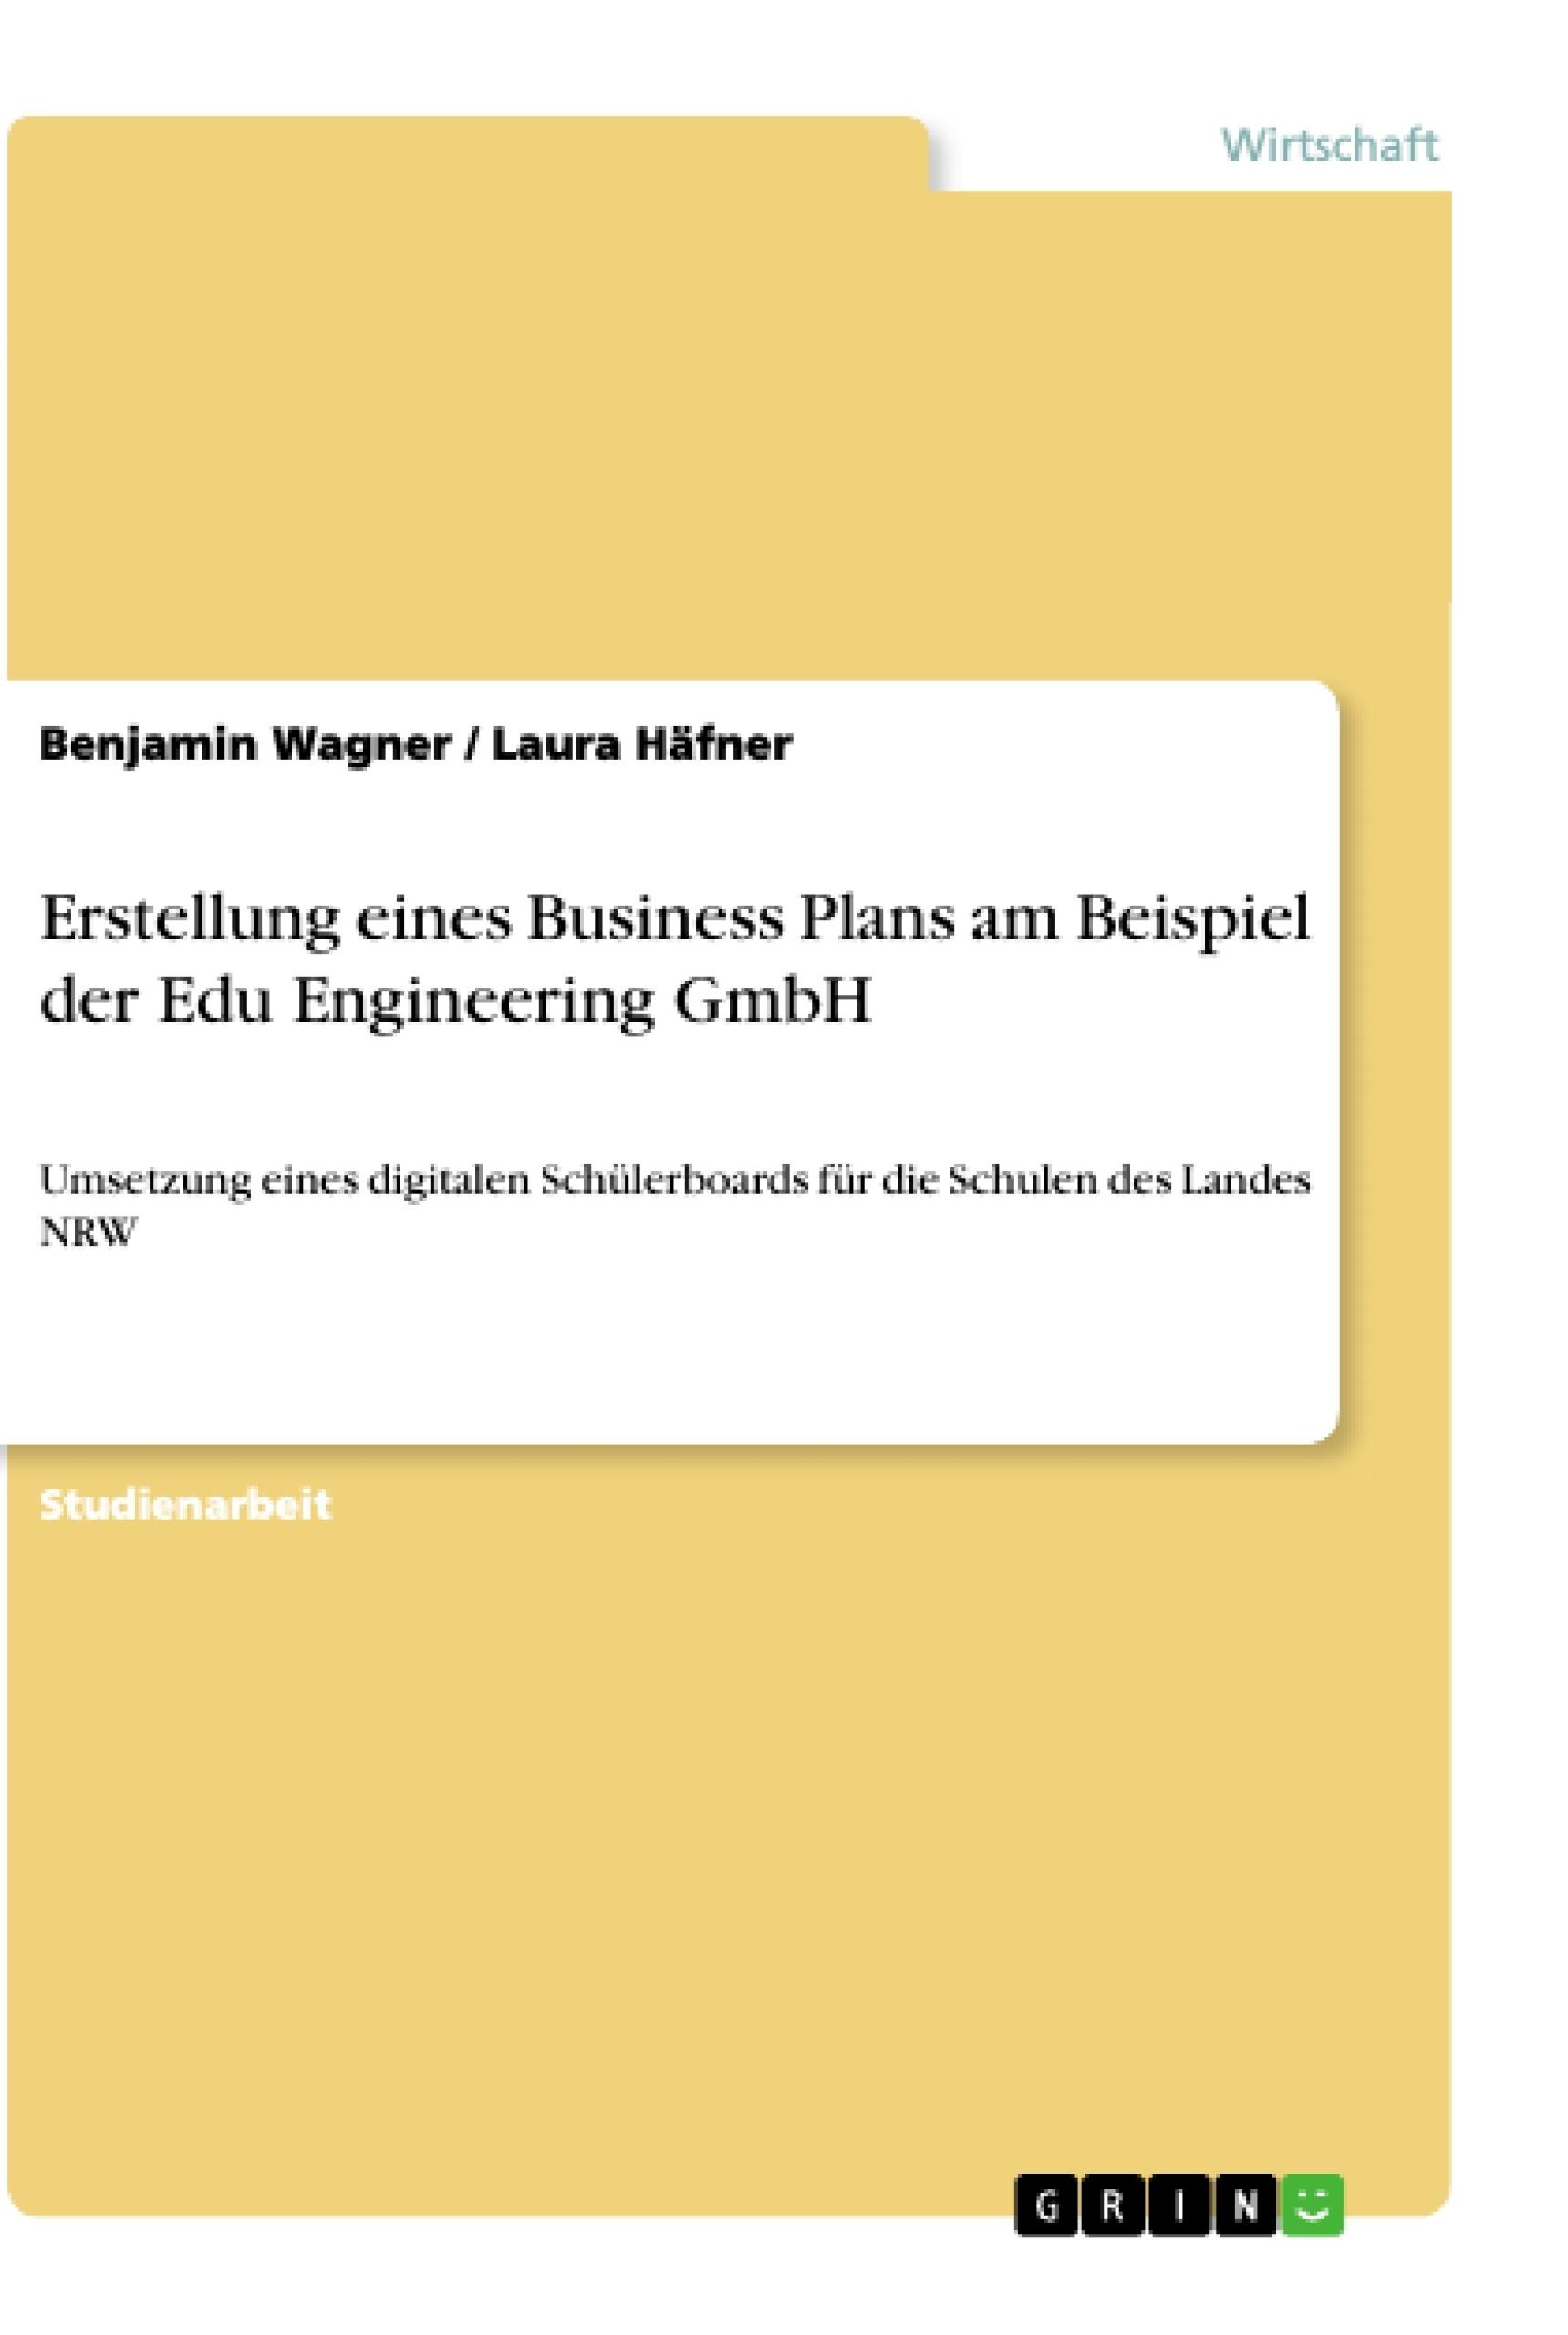 Titel: Erstellung eines Business Plans am Beispiel der Edu Engineering GmbH